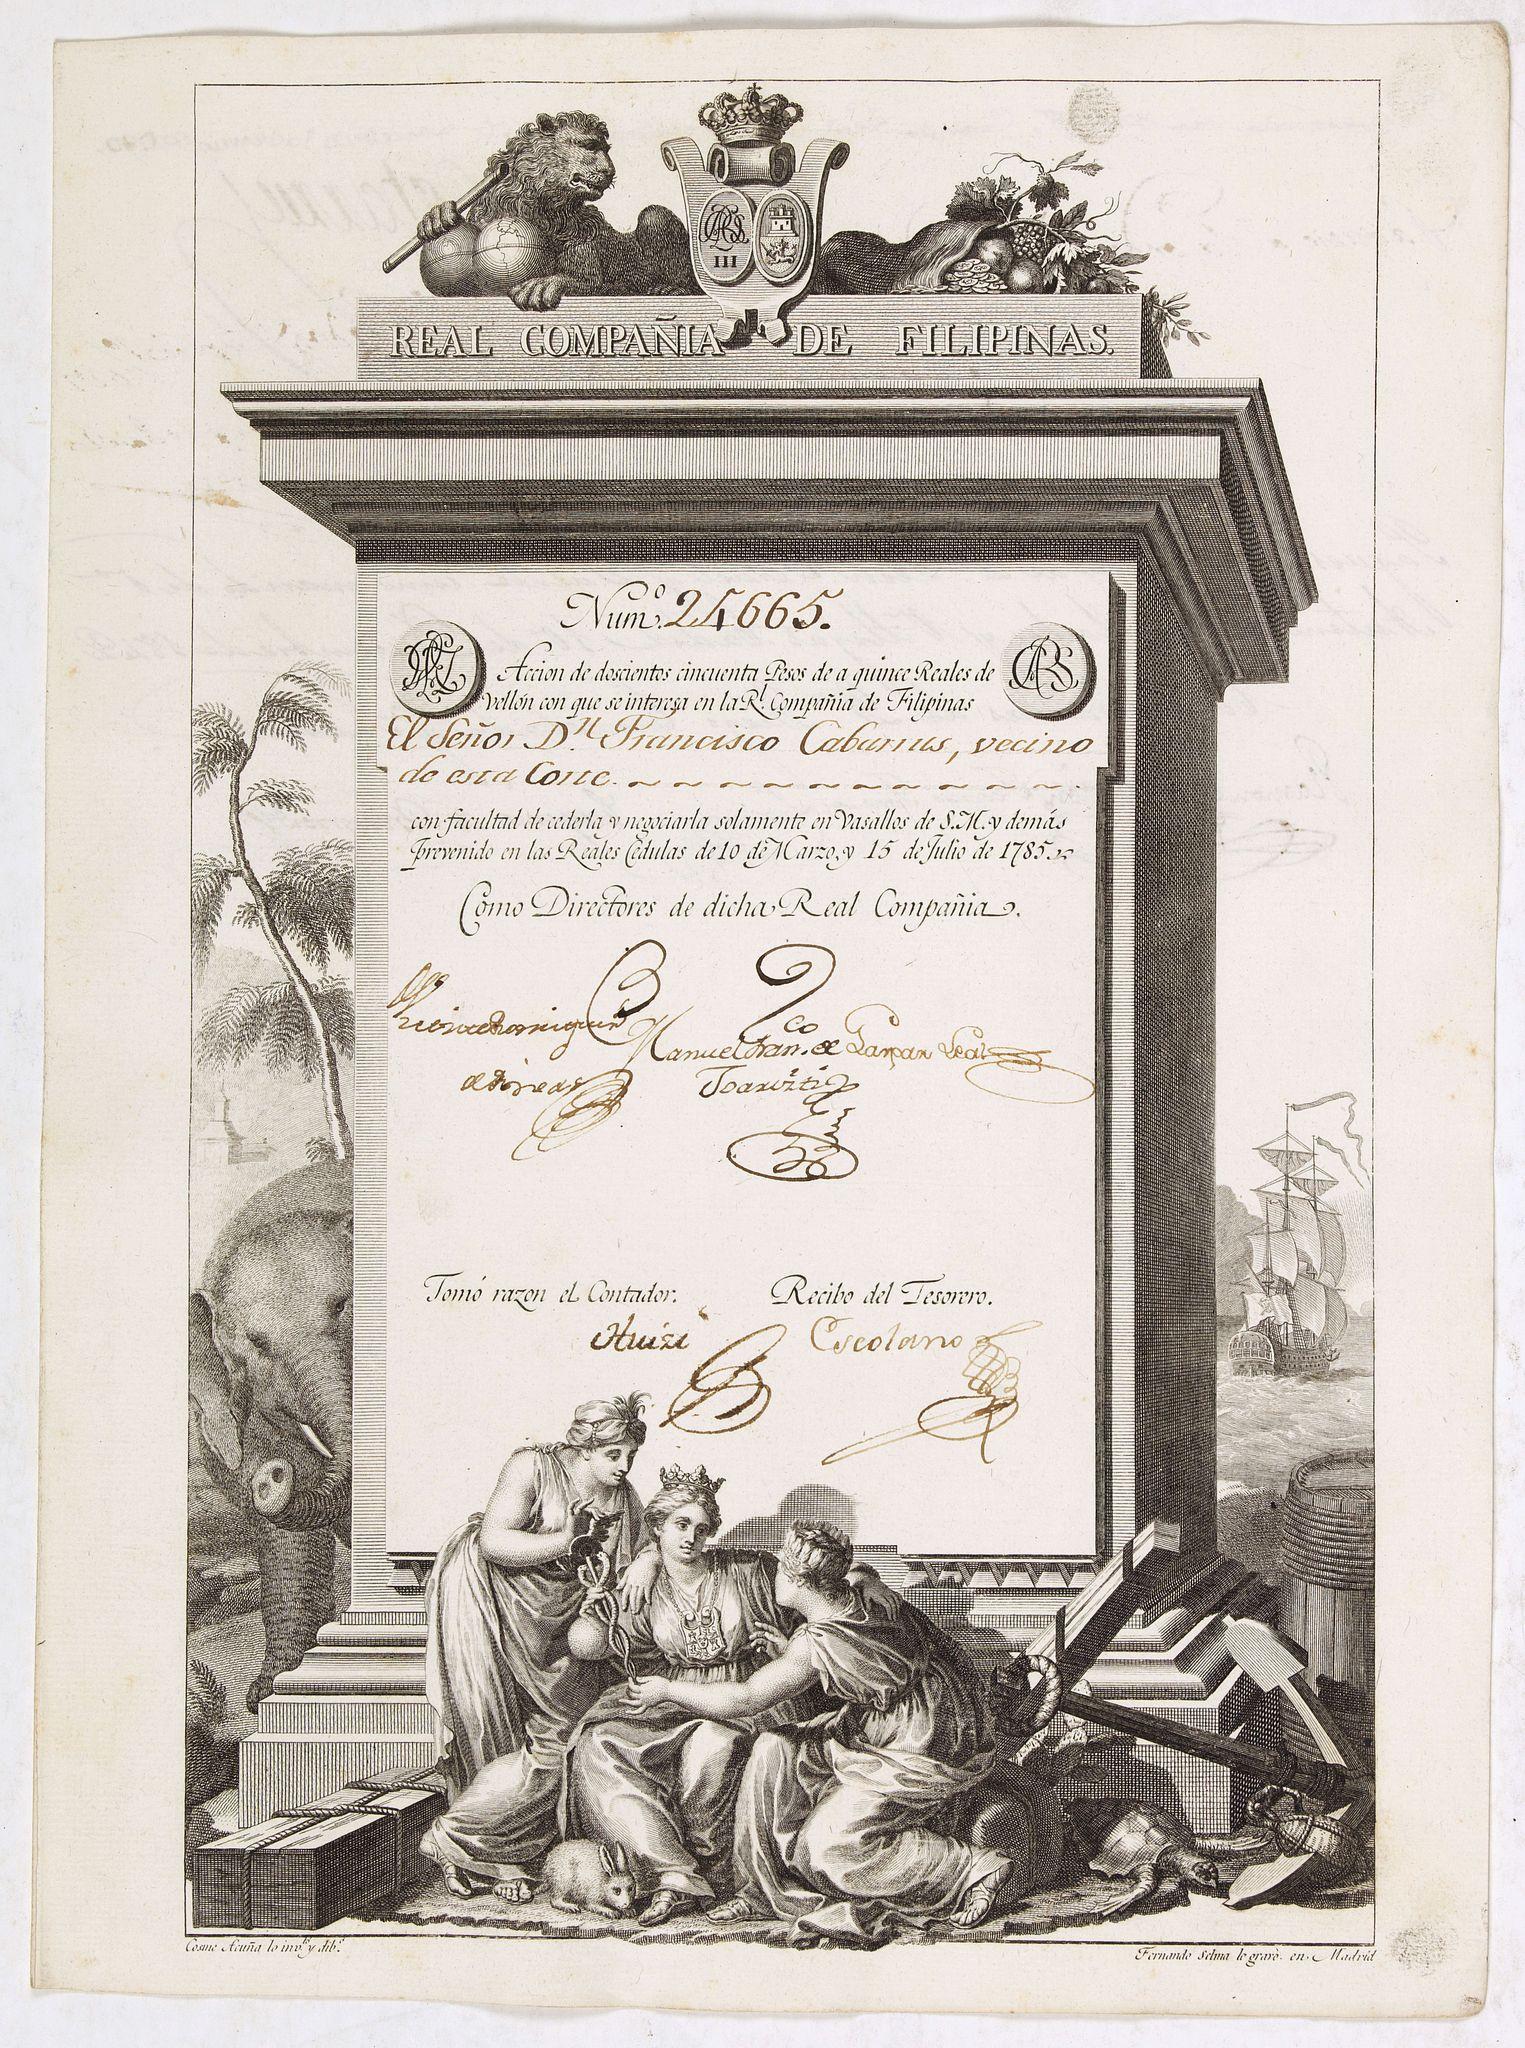 REAL COMPANIA DE FILIPINAS -  A scarce Real Compañia de Filipinas 250 Pesos deed issued in 1785.